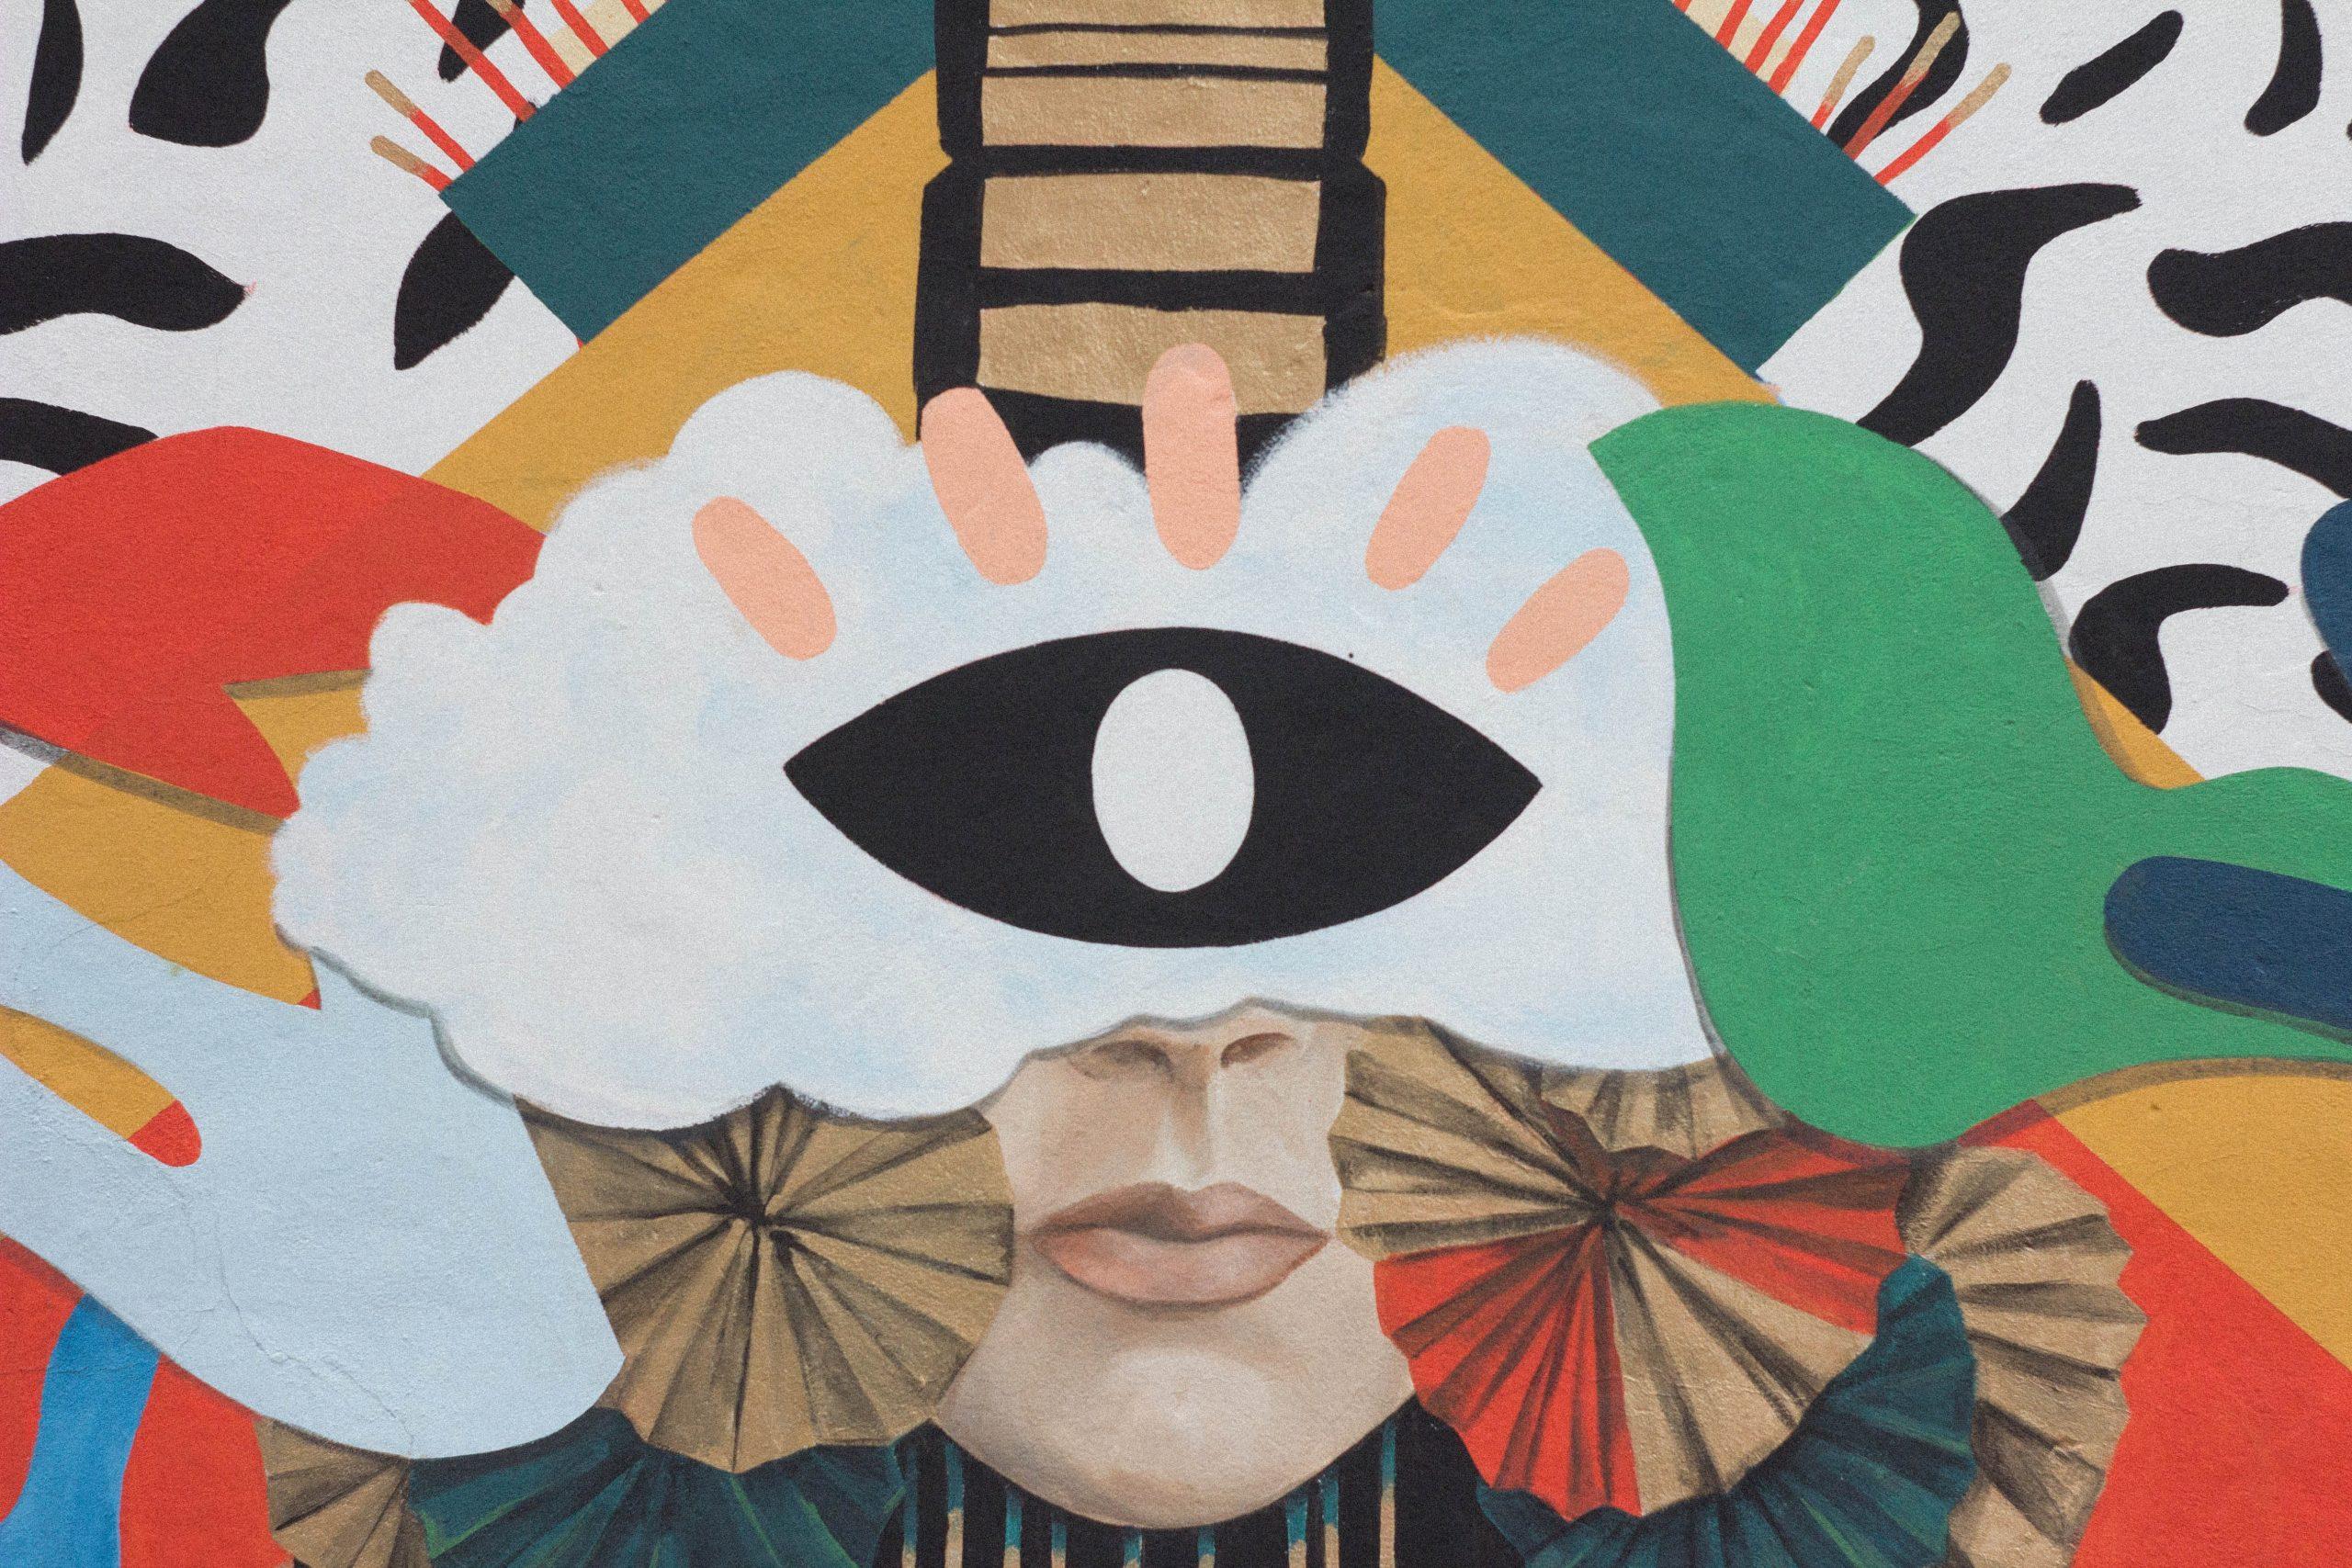 Як малювання впливає на мозок: 7 чудових ефектів